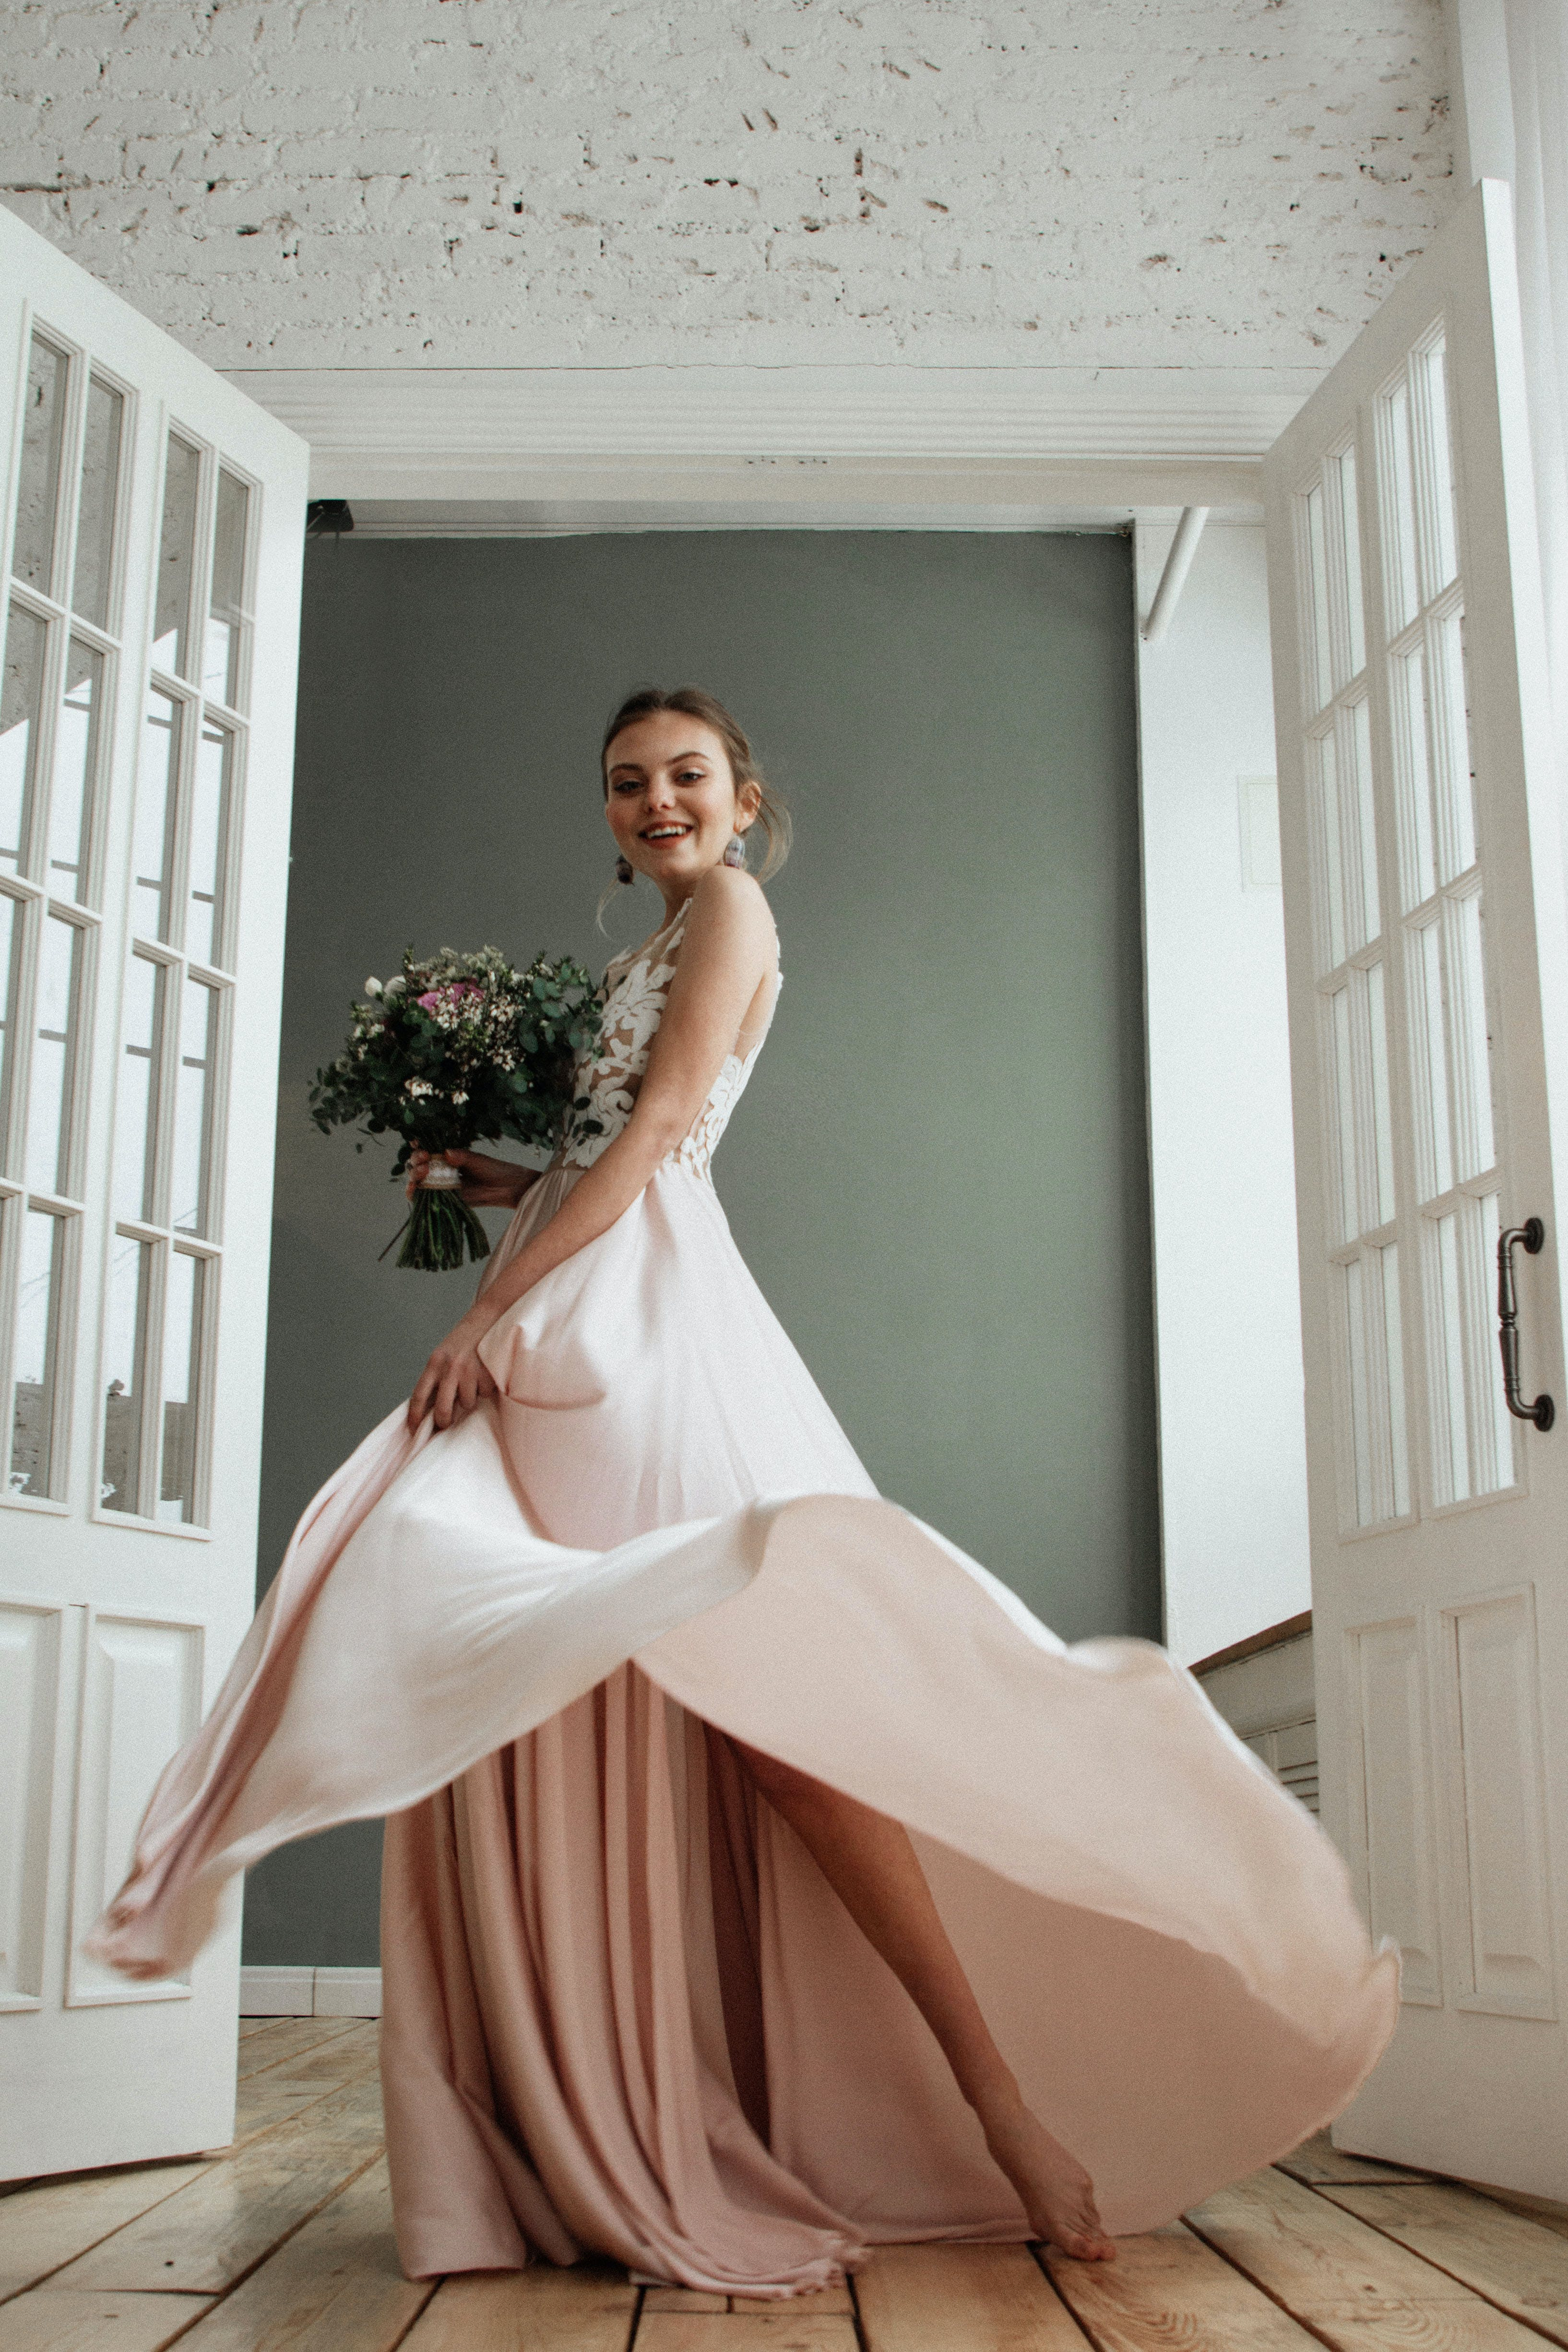 ウェディングドレス, エレガント, ドレス, 人の無料の写真素材